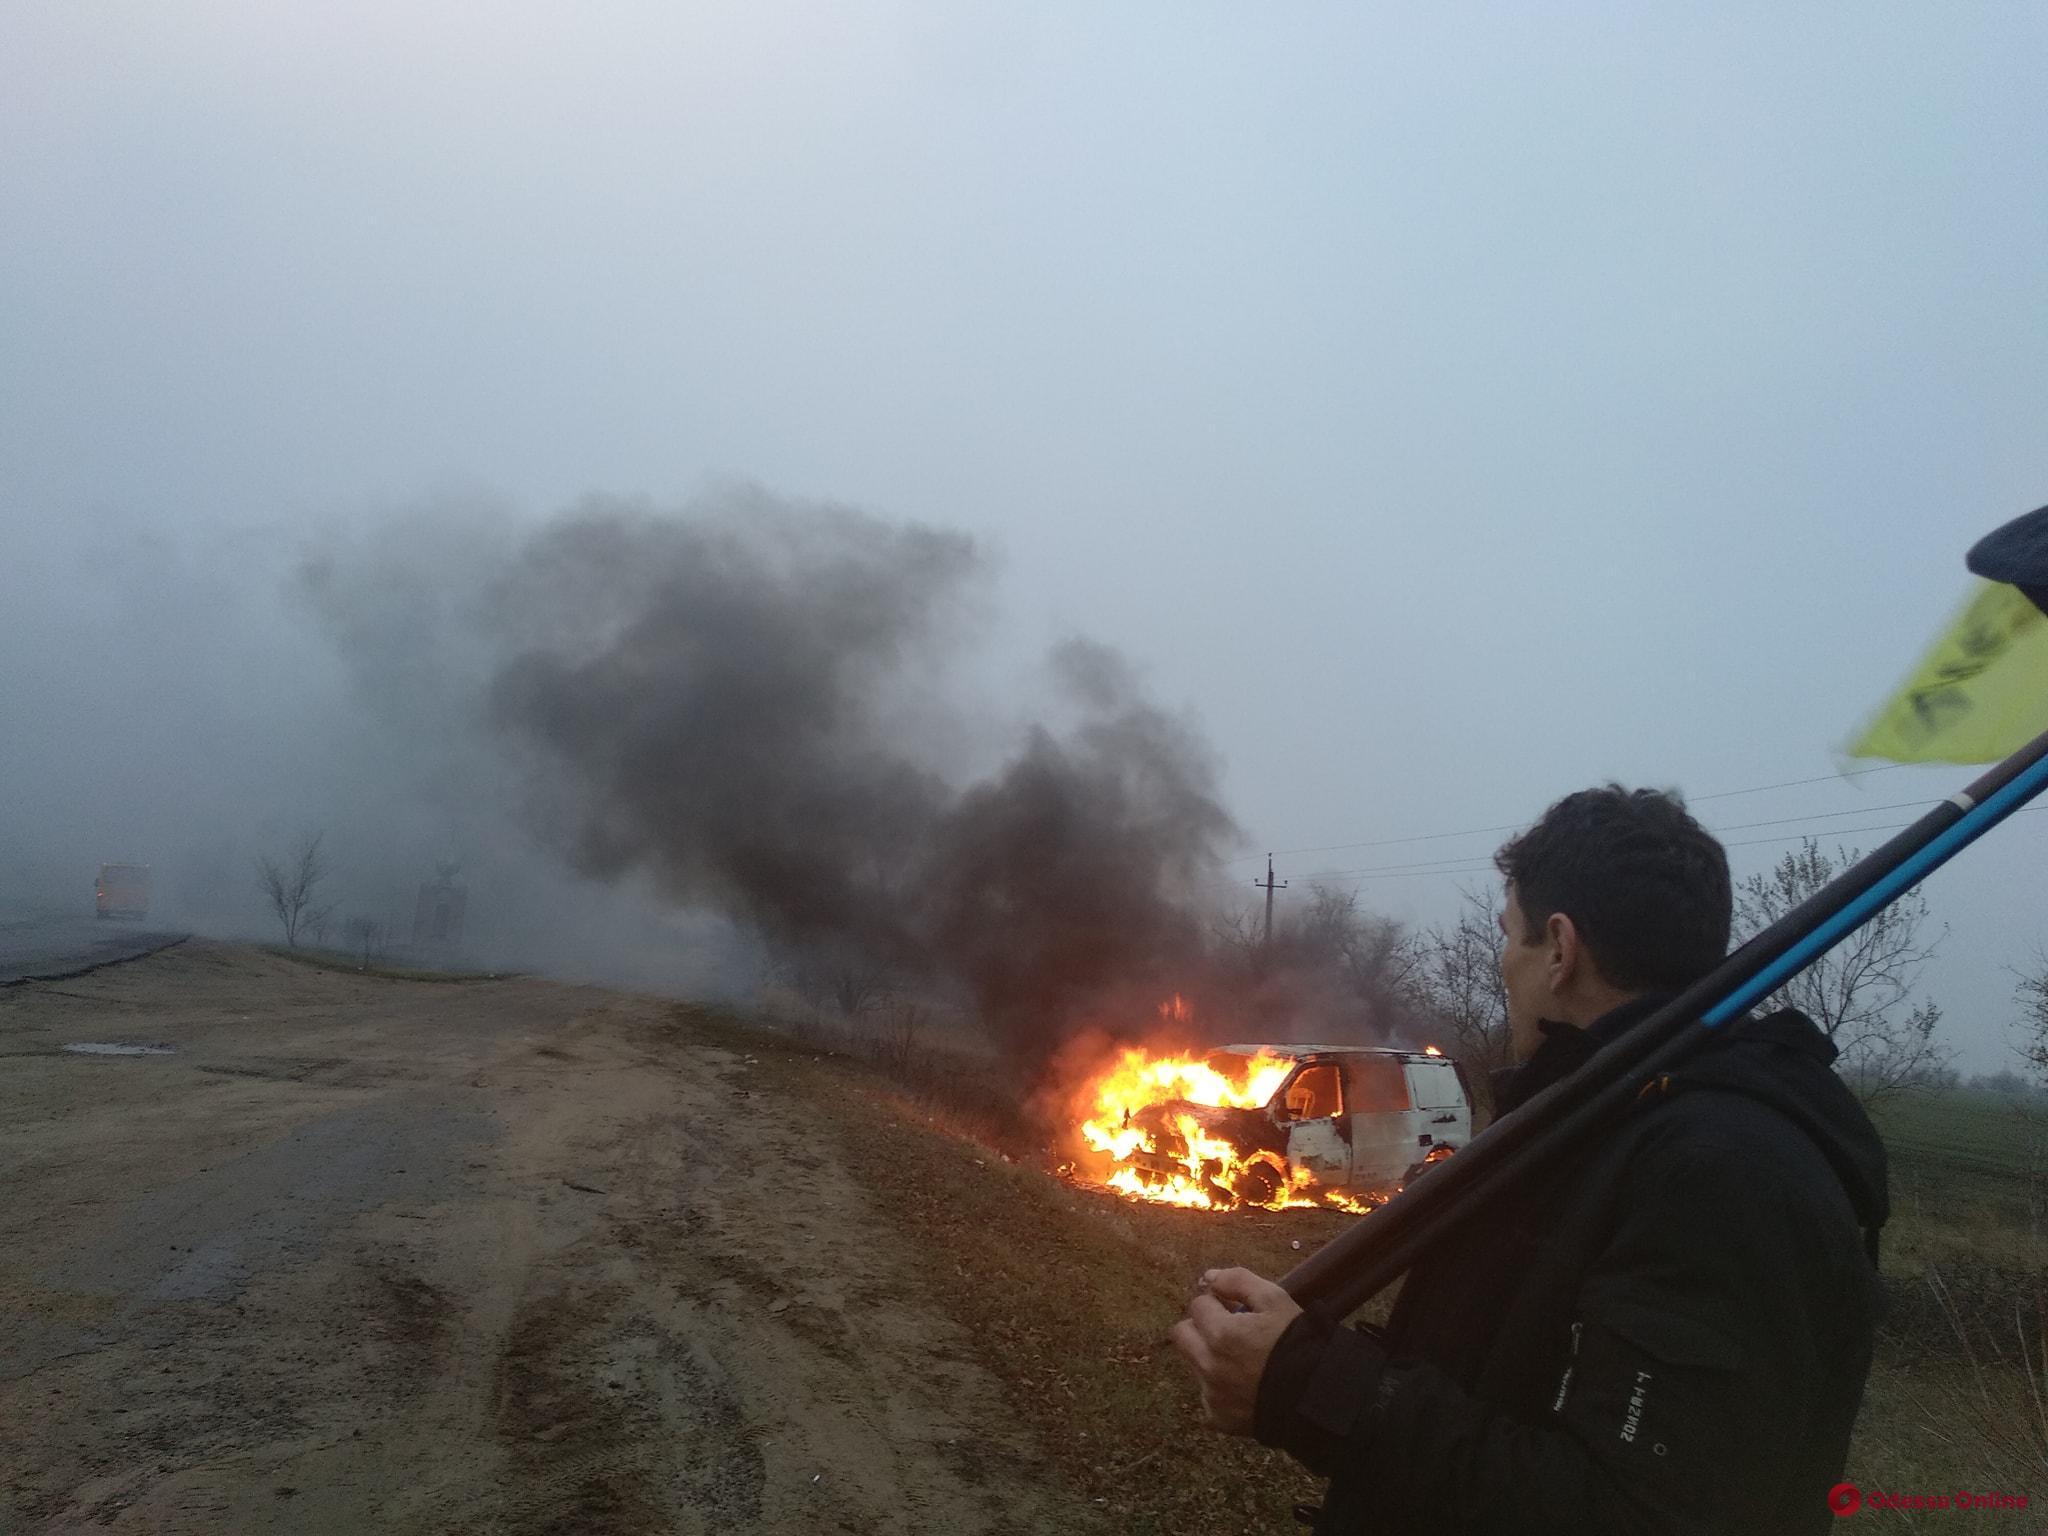 В Одесской области протестующая сожгла автомобиль на еврономерах (фото)